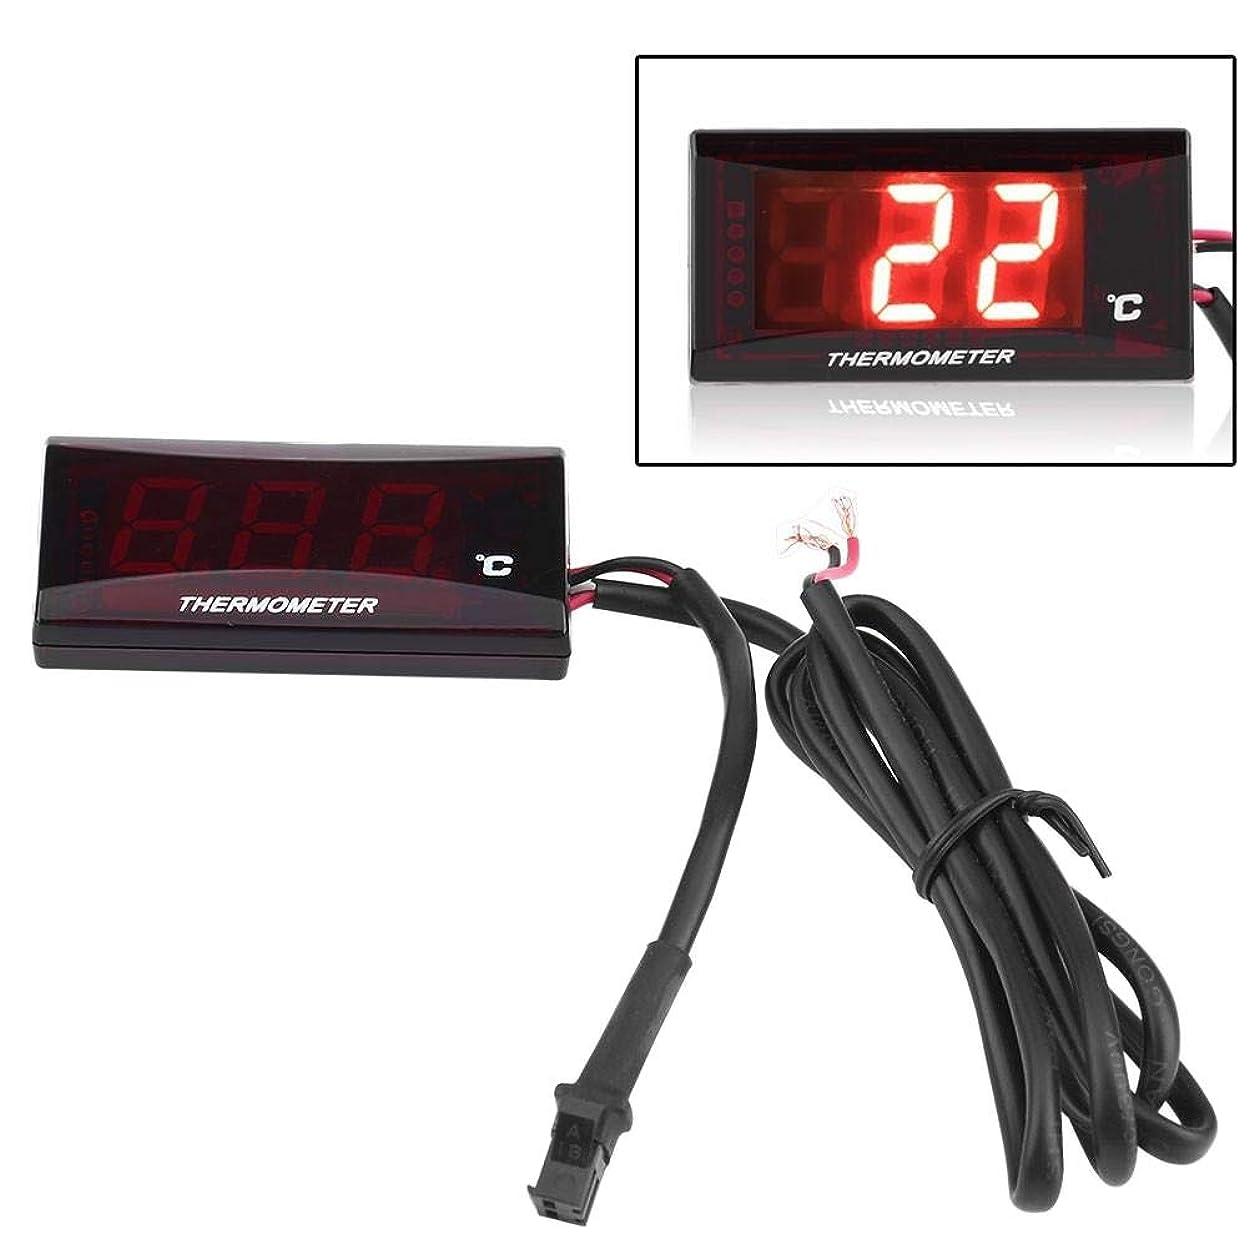 徐々に告発者ブレス汎用 水温計 自動車 オートバイ デジタル温度計 装置 水温ゲージ 温度メーター 赤いLEDライト(ブラック)